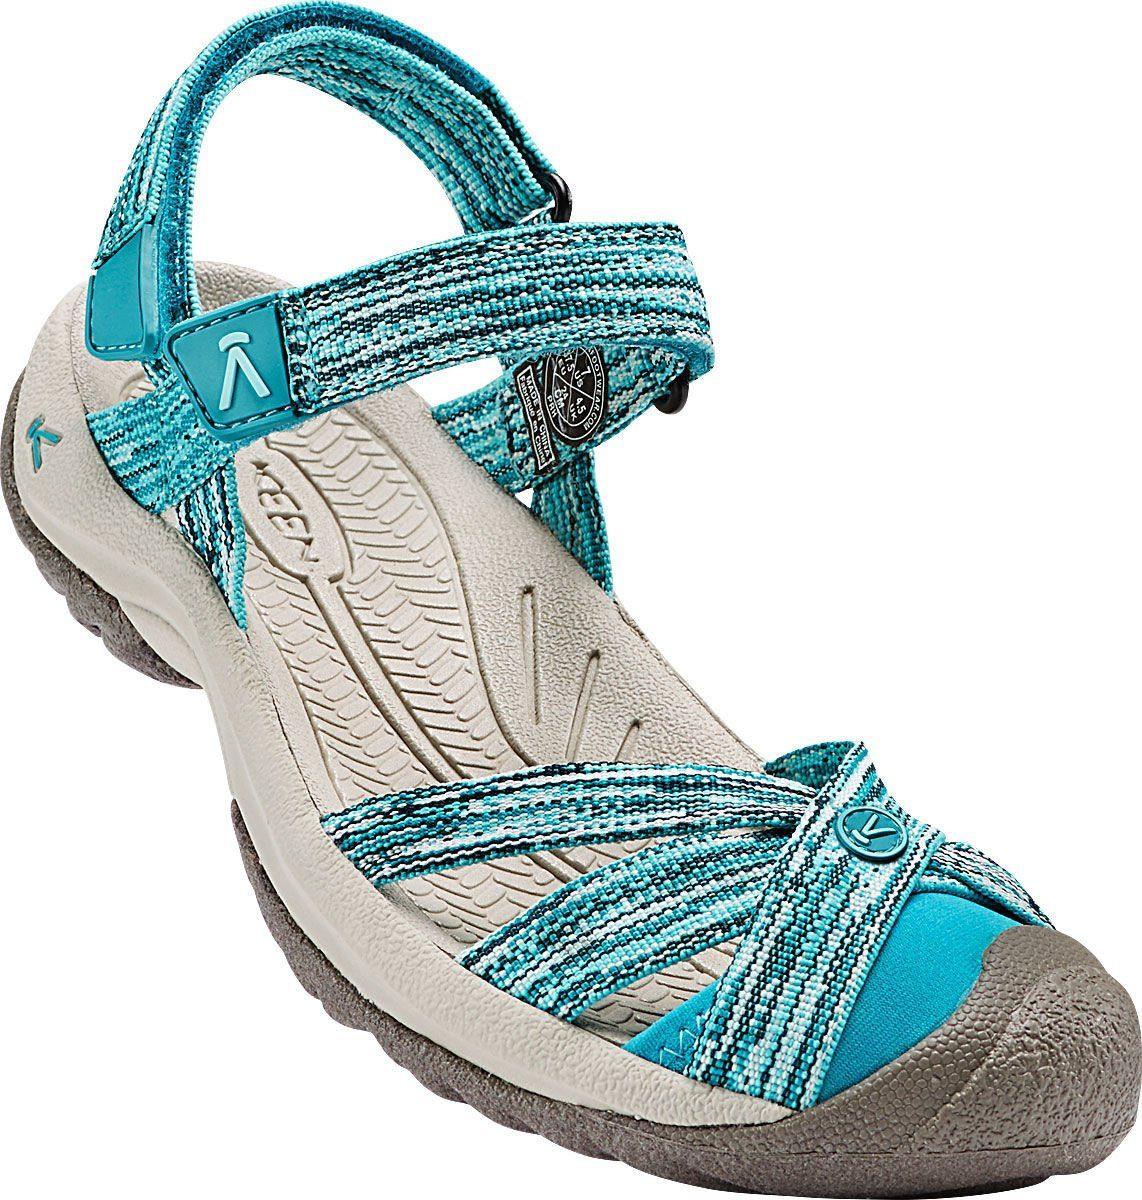 Damen Keen Sandale »Bali Strap Sandals Damen« grau, grün   00887194890507